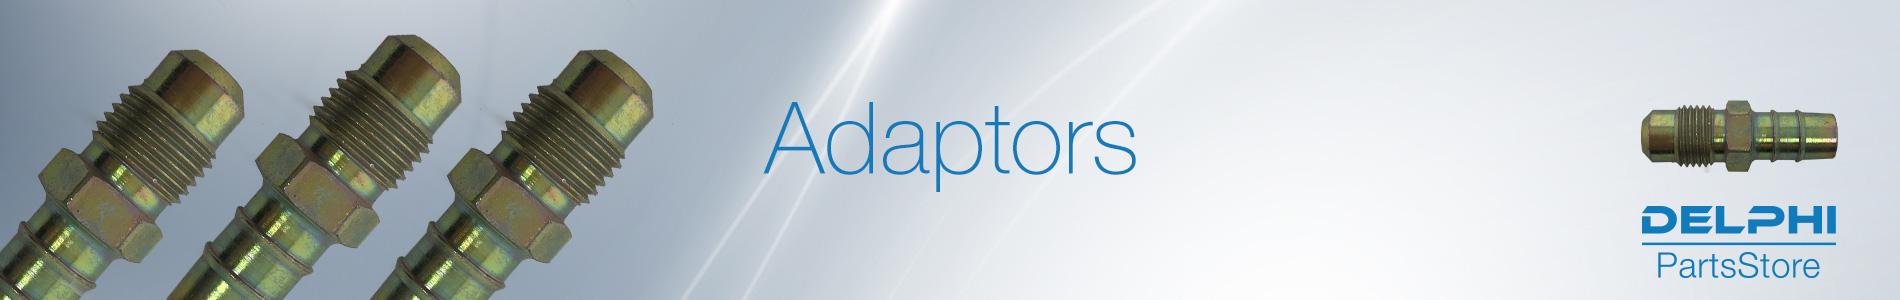 Adaptors